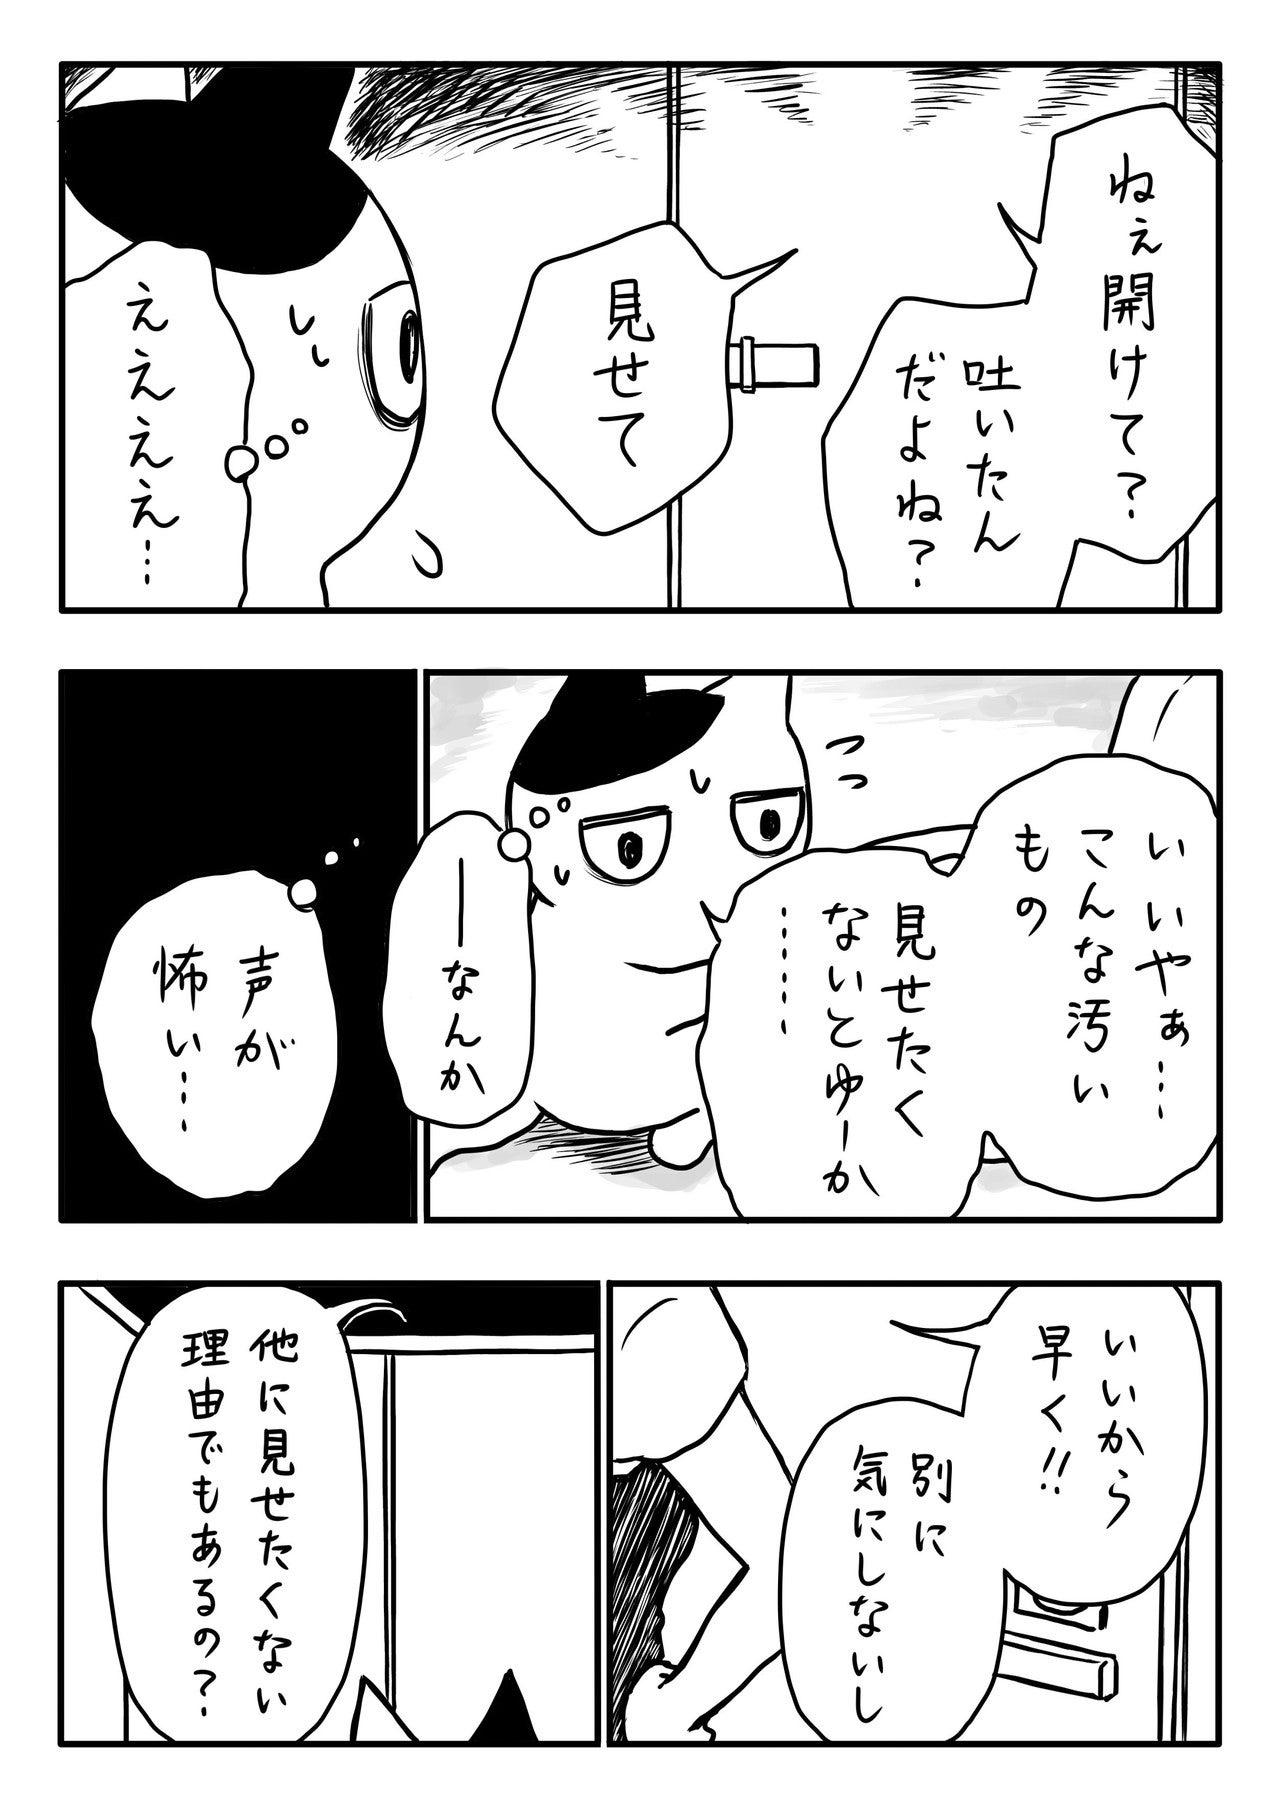 病気エッセイ_第9話1